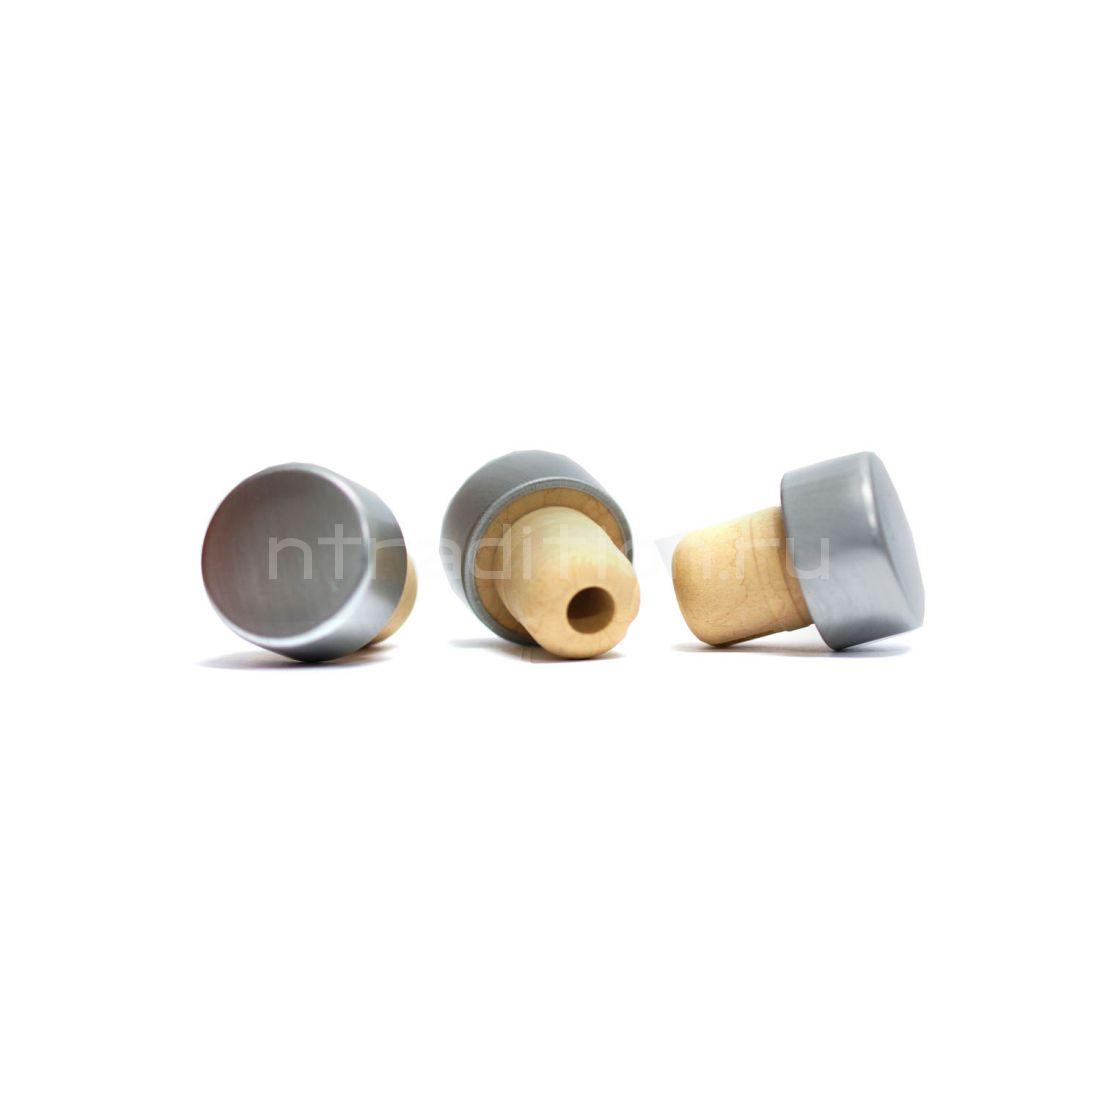 Пробка Камю алюминиевая, 19,5 мм, серебро, 10 шт.